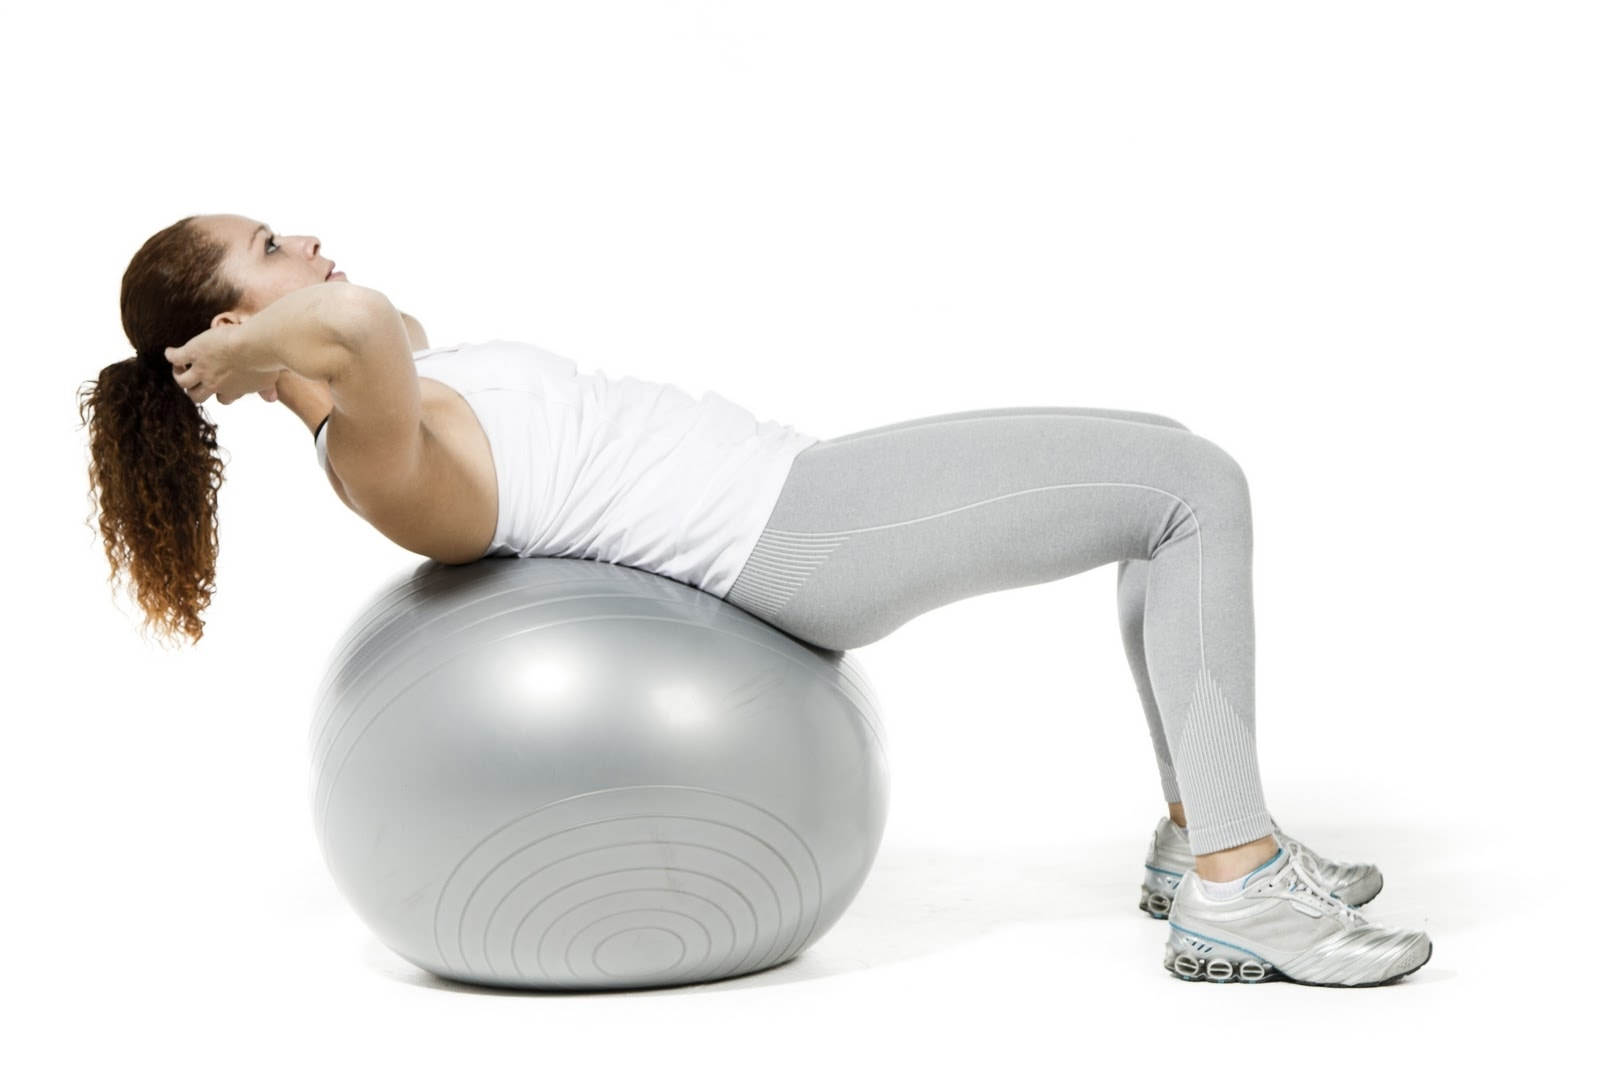 7 ejercicios para perder barriga ejercicios en casa - Ejercicios para perder barriga en casa ...